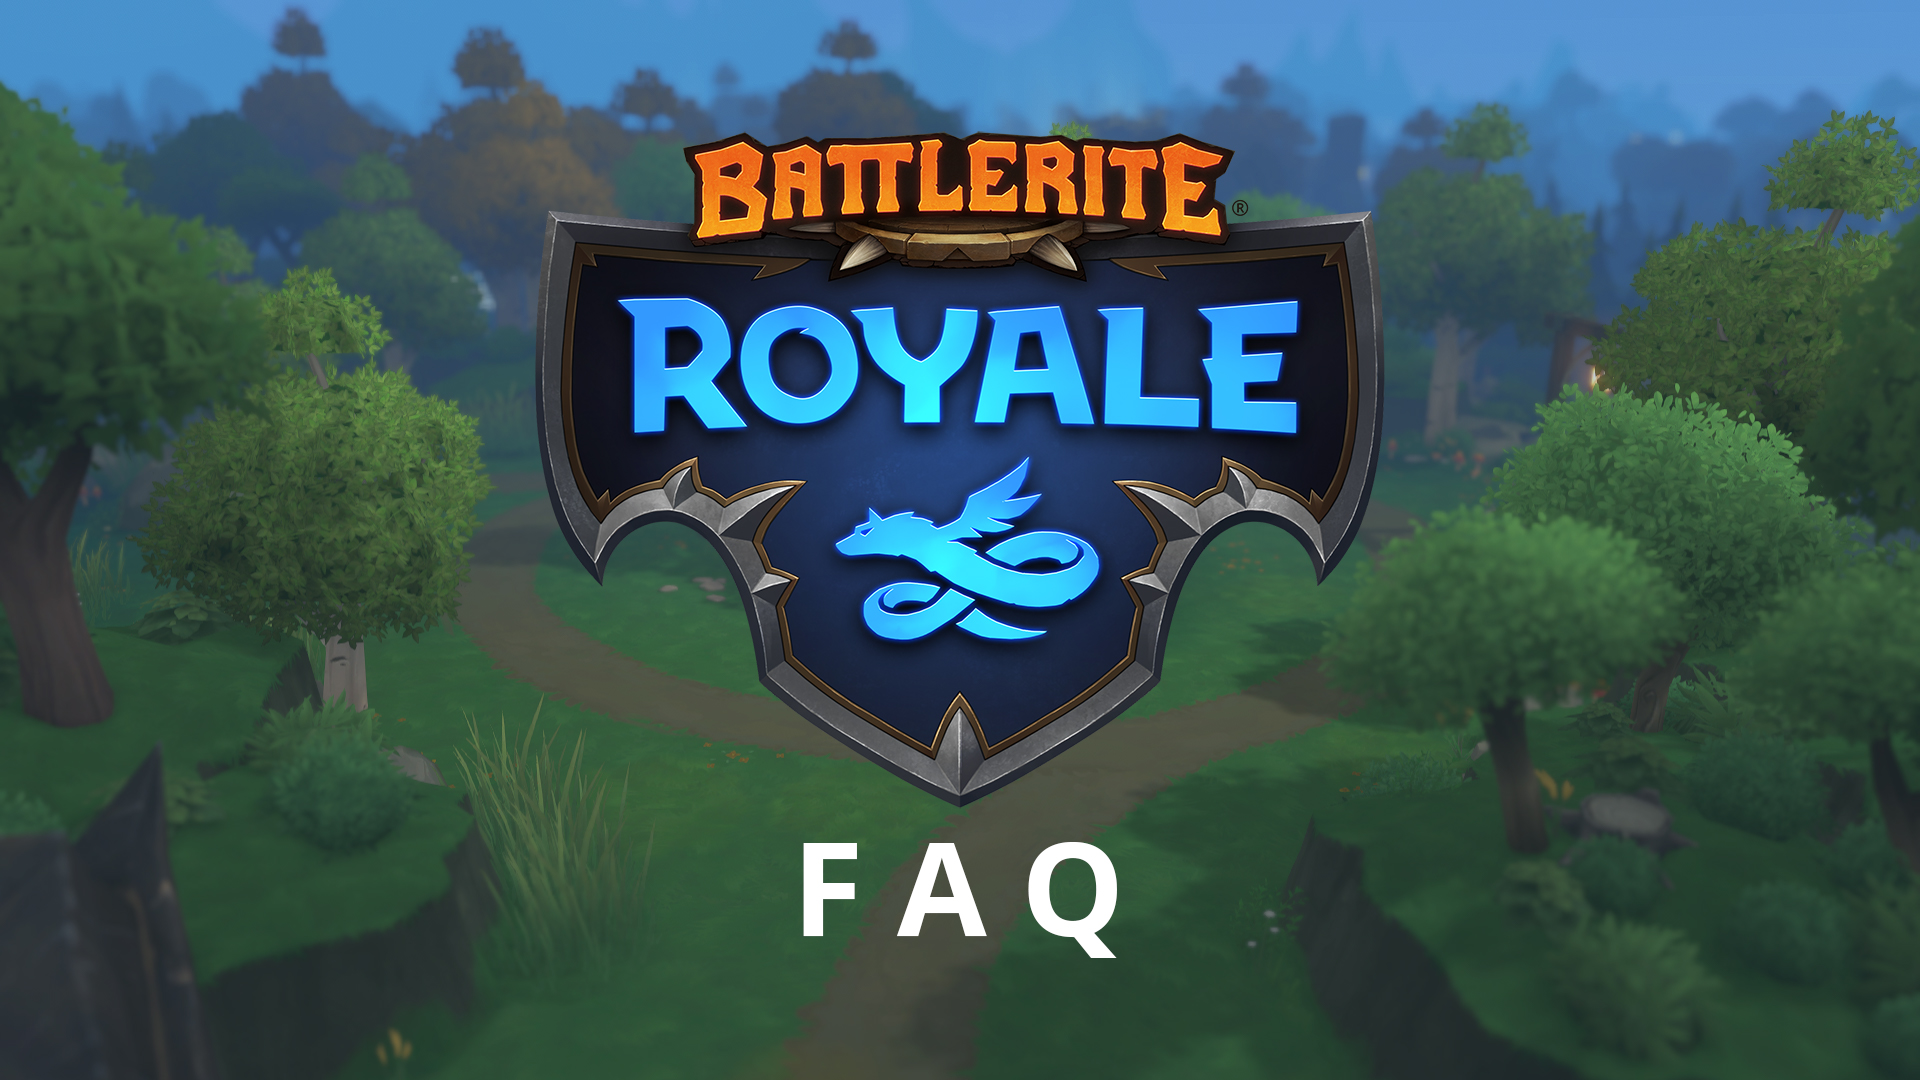 Battlerite Royale FAQ « Battlerite